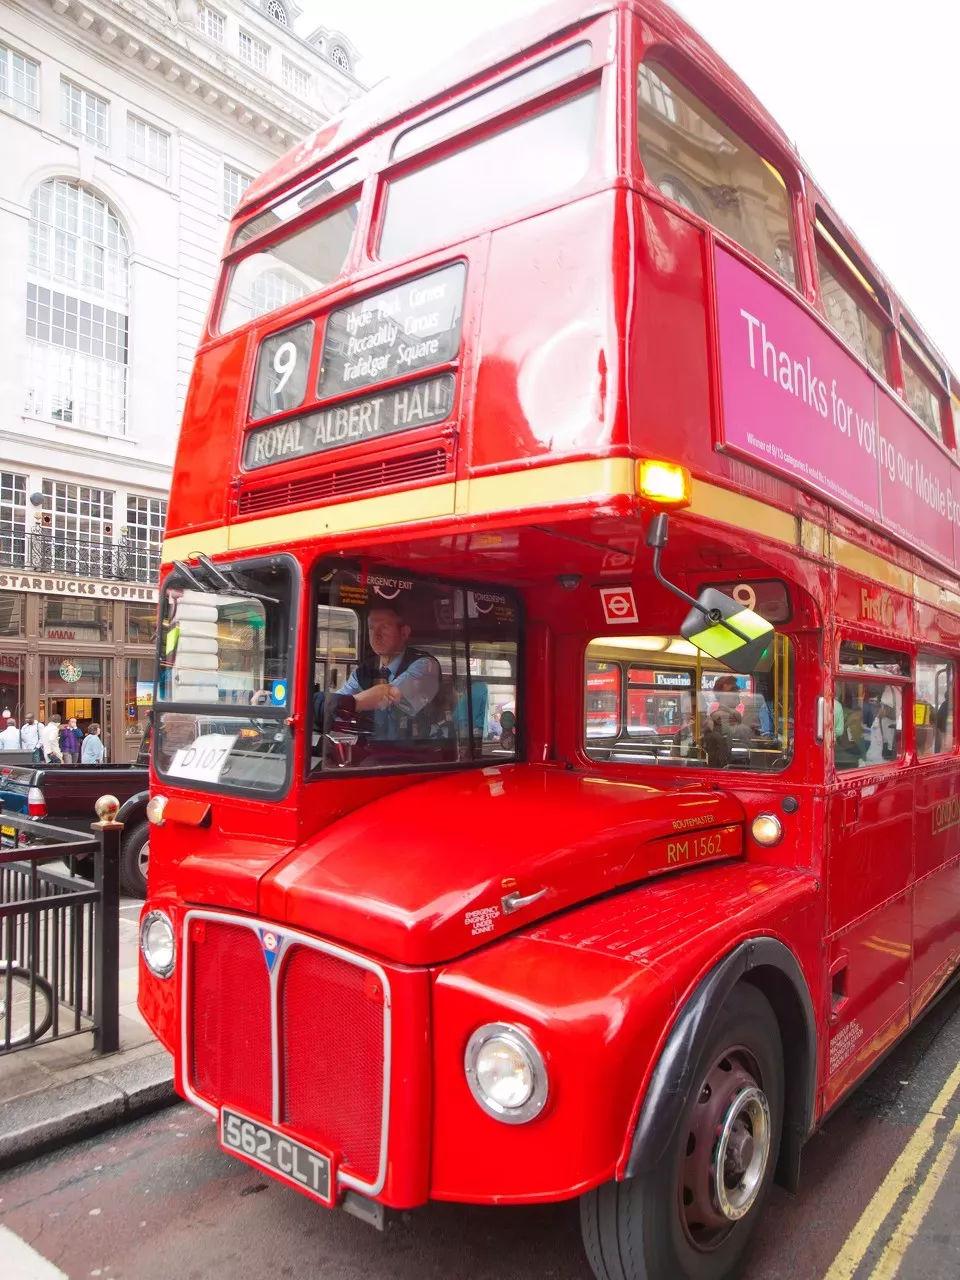 英国公交车司机受到高度保护,而这些大巴都写着中国制造